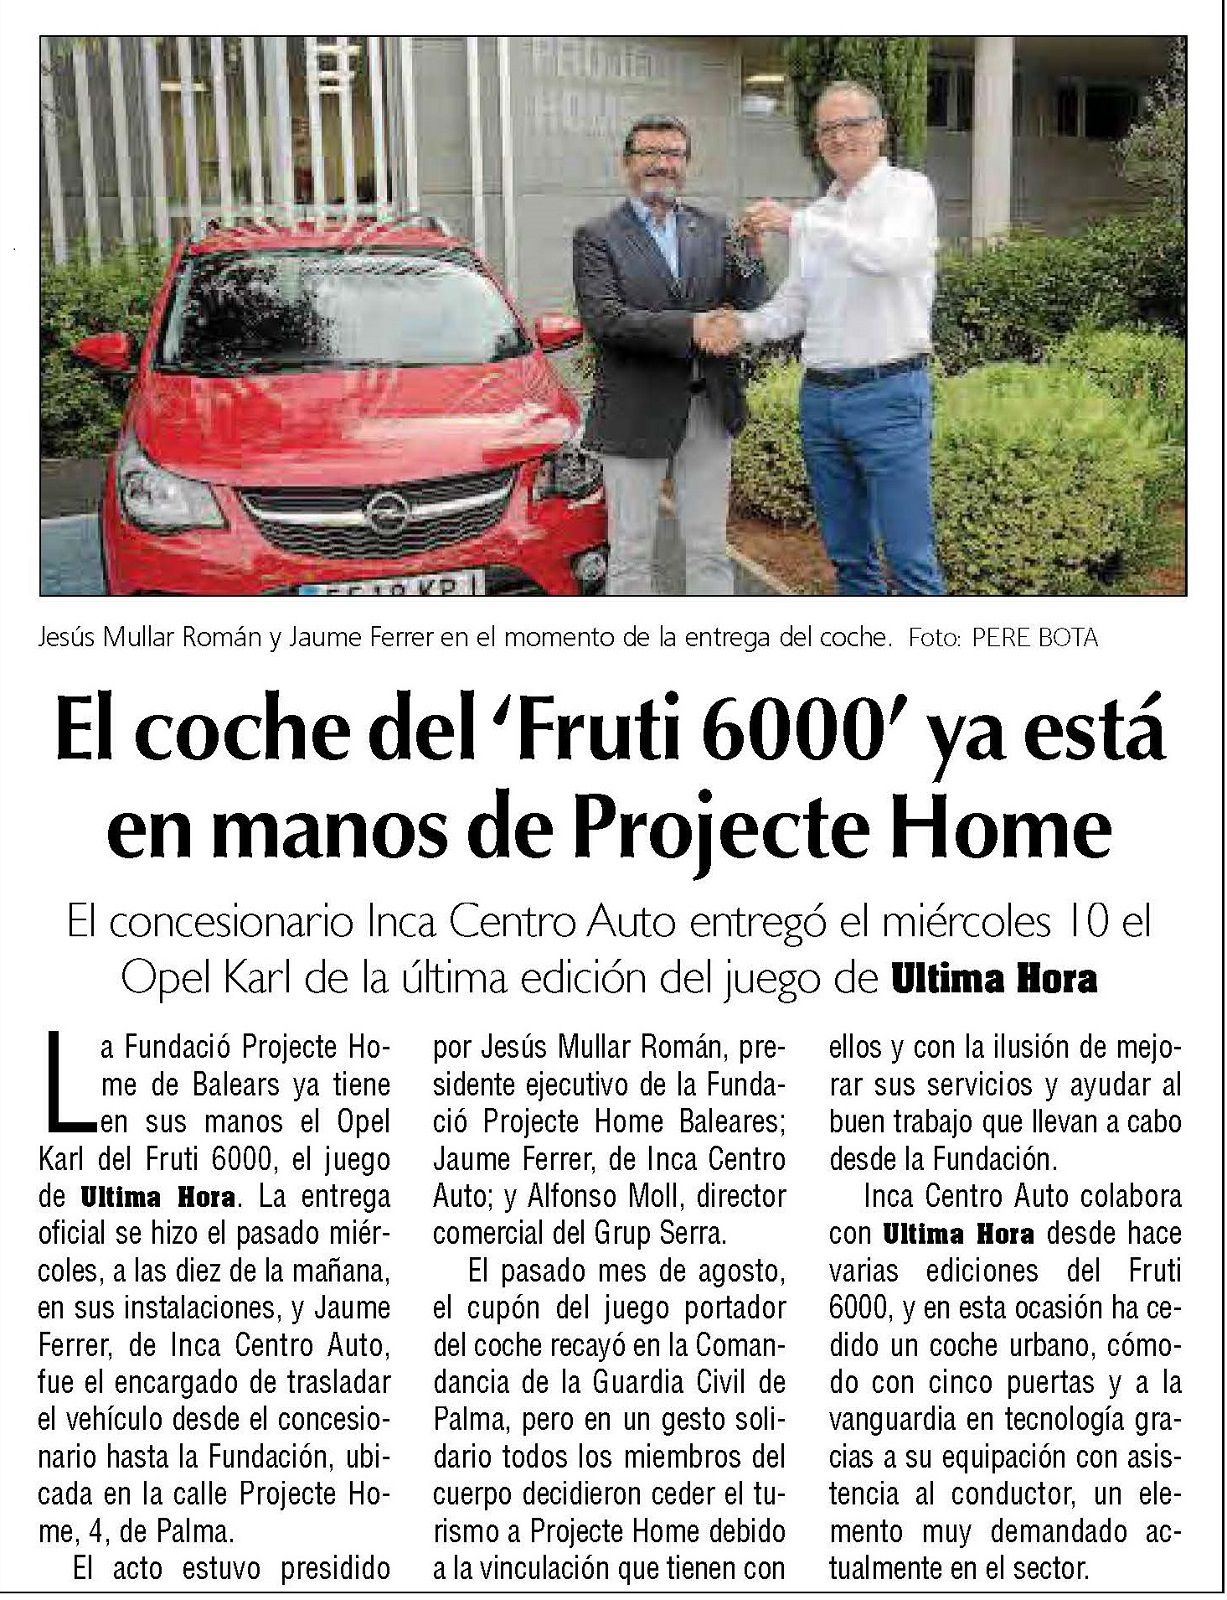 EL OPEL KARL ROCKS DEL FRUTI600 YA ESTA EN MANOS DE PROJECTE HOME